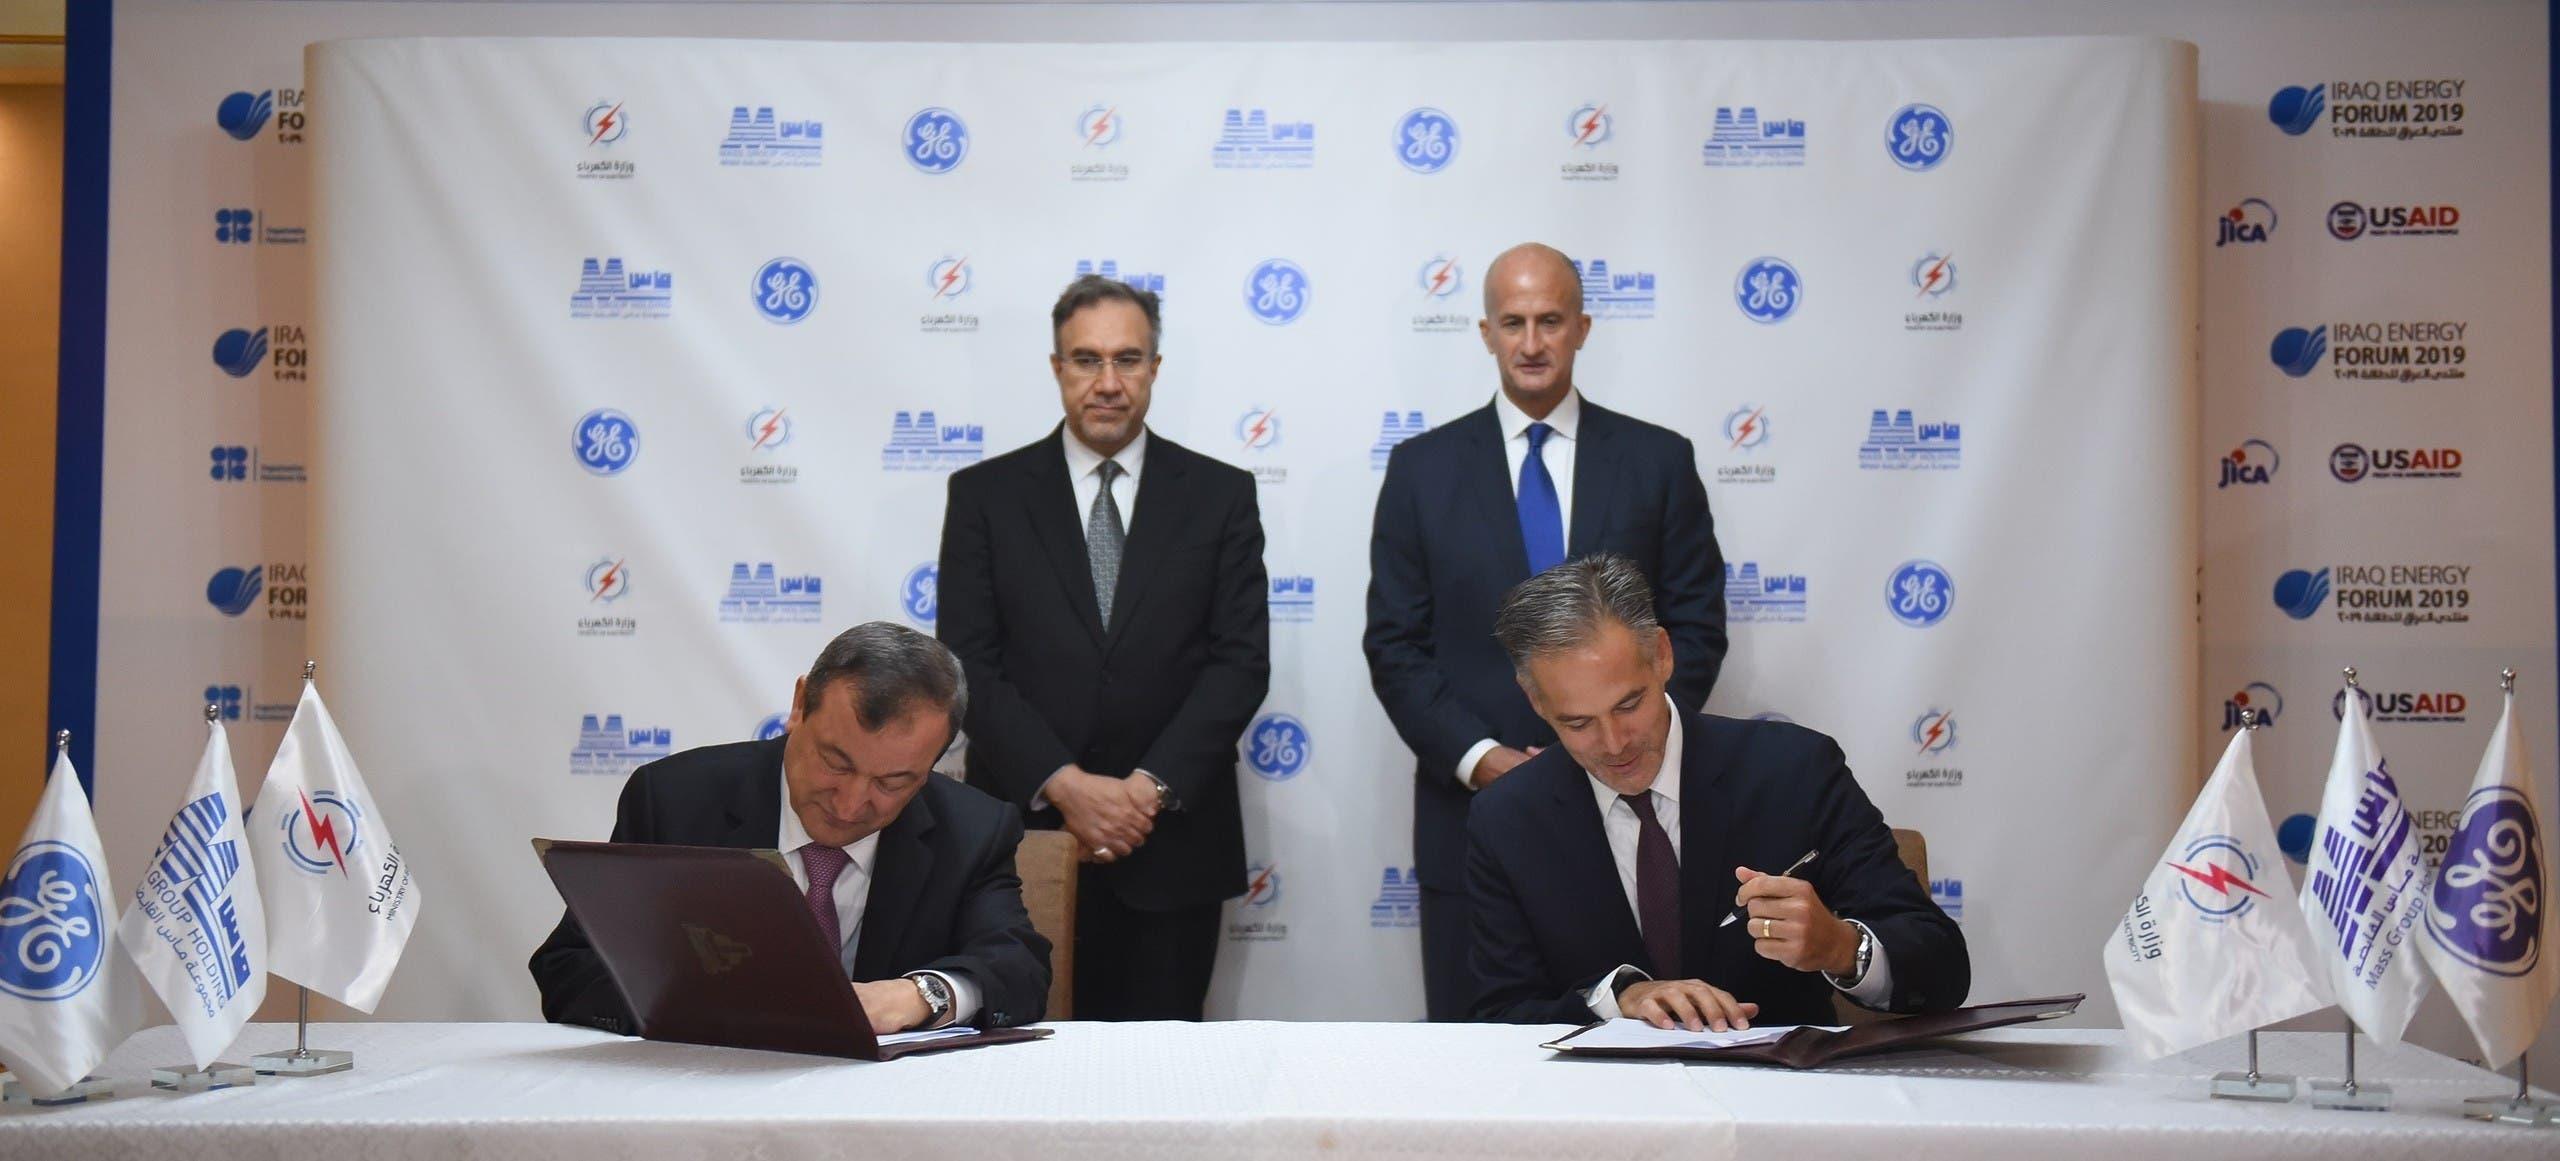 الاتفاقية تأتي لإضافة 1.5 جيجاواط إلى شبكة كهرباء العراق عبر تطوير المرحلة الثالثة من محطة توليد بسماية